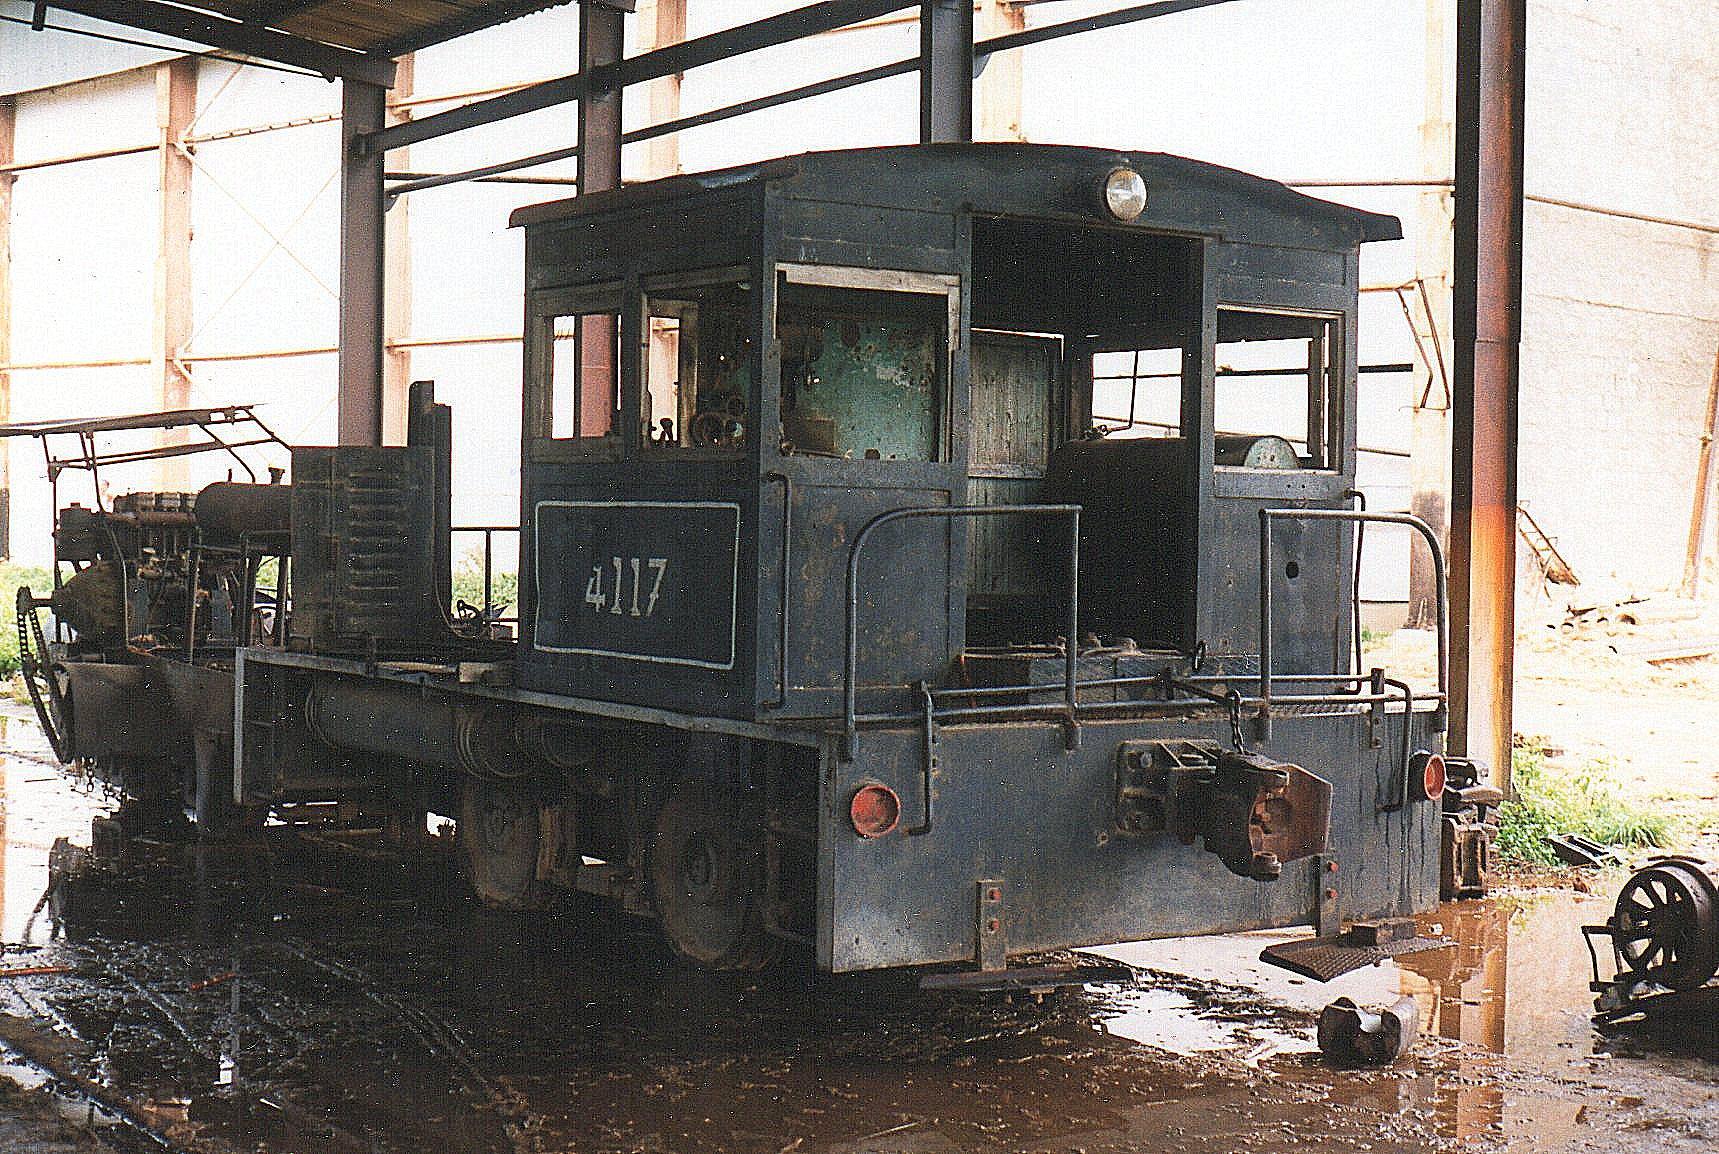 Ved siden af stod fruden en normal dræsine og resterne af 4117, der næppe har været et damplokomotiv, men altid et motorlookomotiv, muligvis en Whitaker fra 1941?